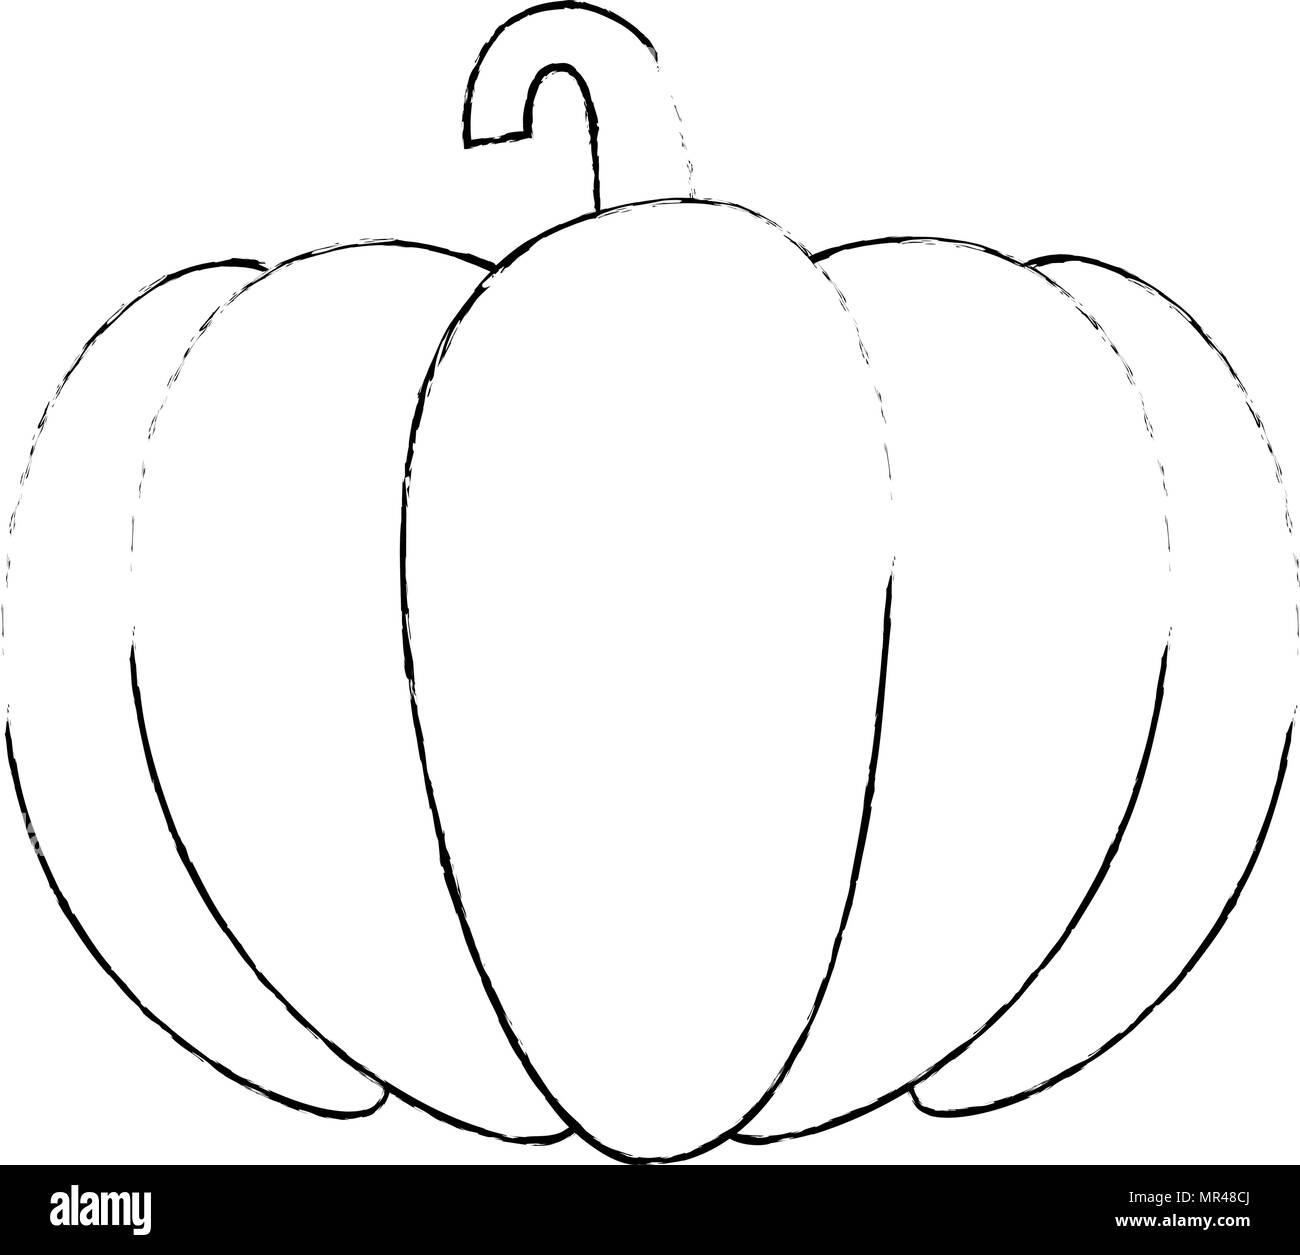 fresh pumpkin vegetarian food - stock image